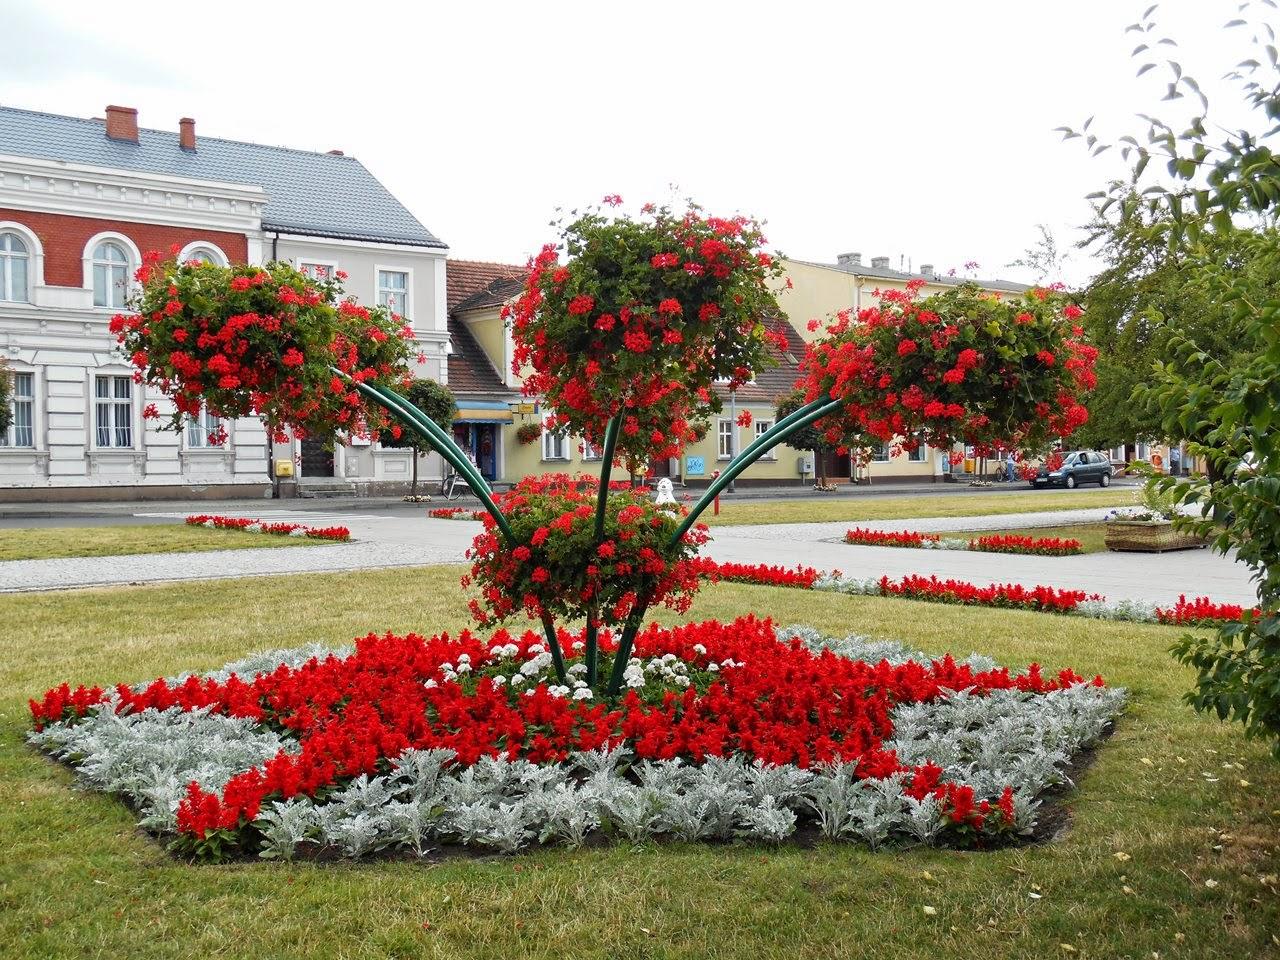 kwiaty, klomby, przyroda